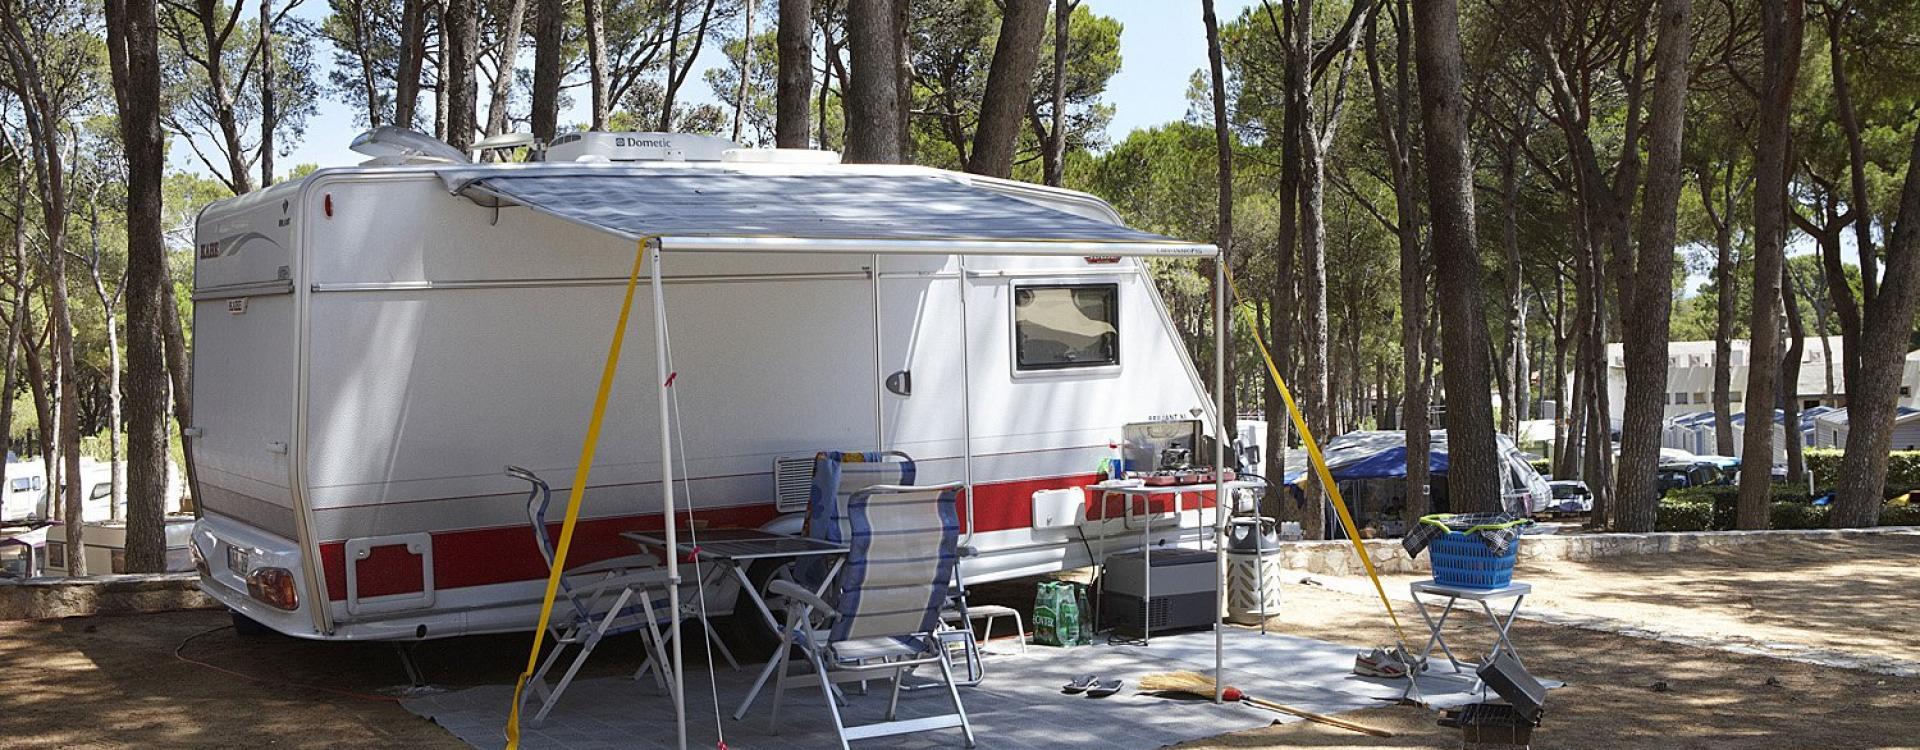 Parcel·la per a caravanes en un càmping de Pals - Costa Brava